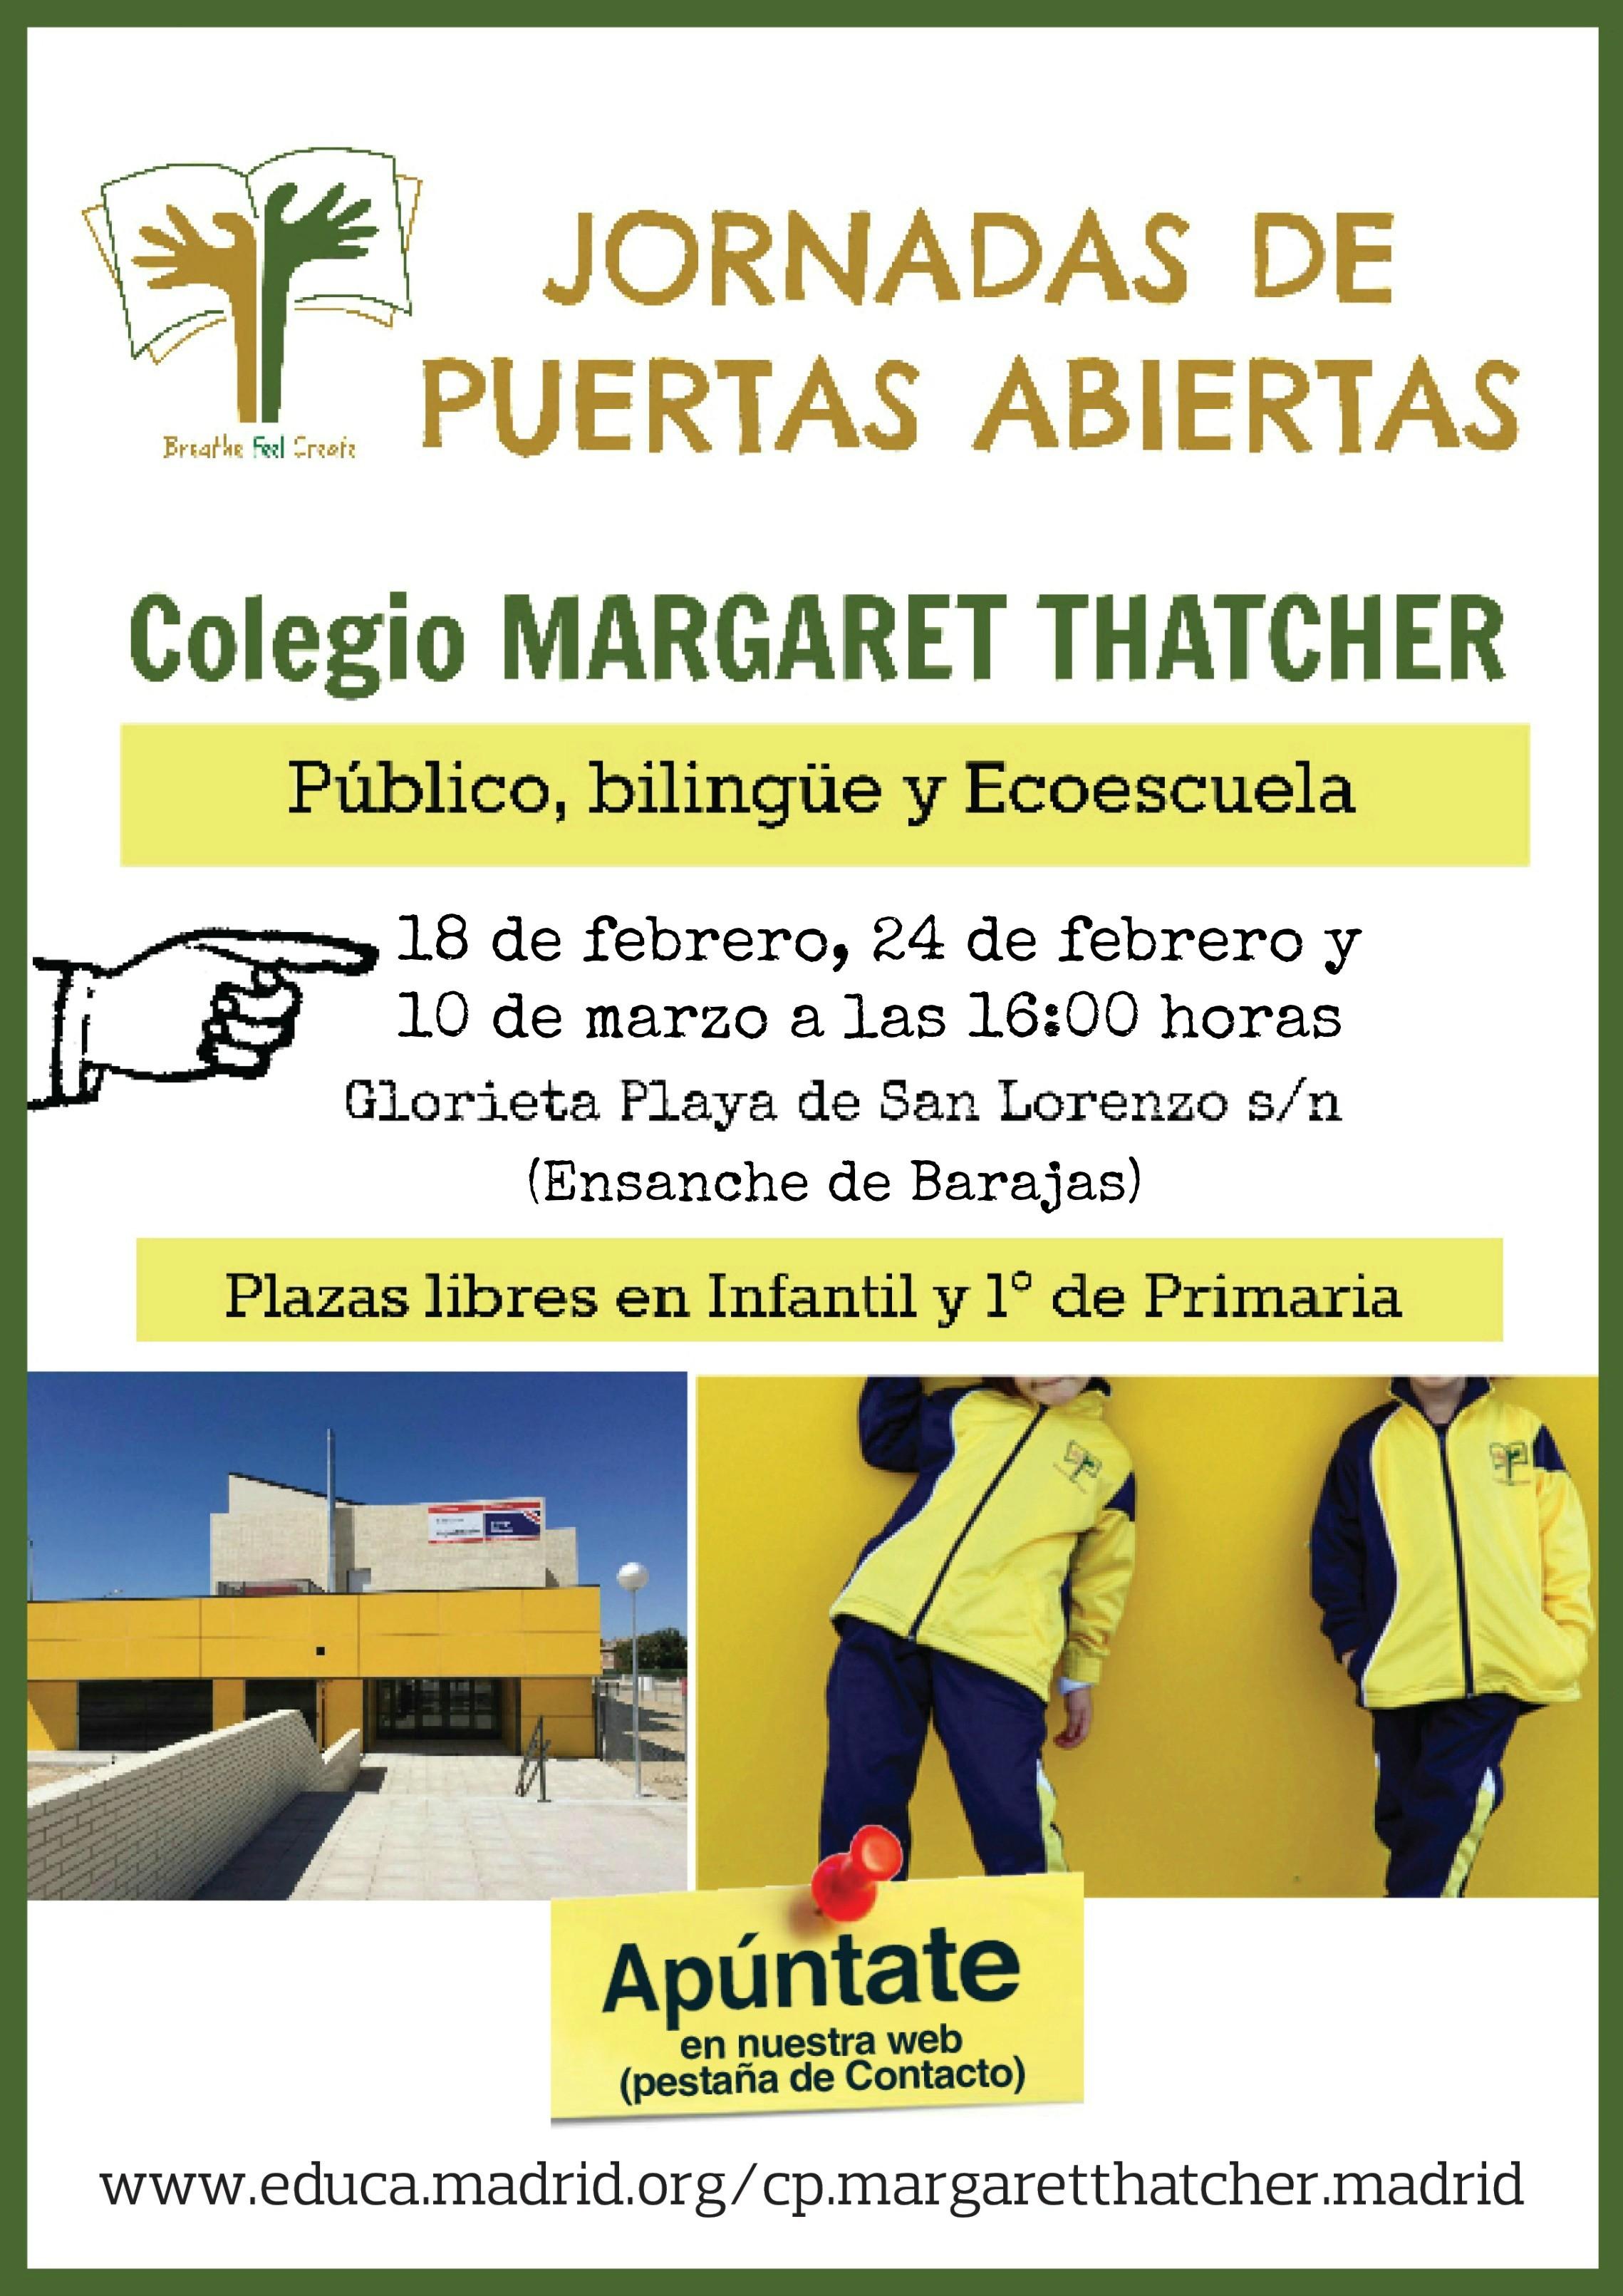 Calendario Escolar 2019 Madrid org Recientes Ampa Margaret thatcher